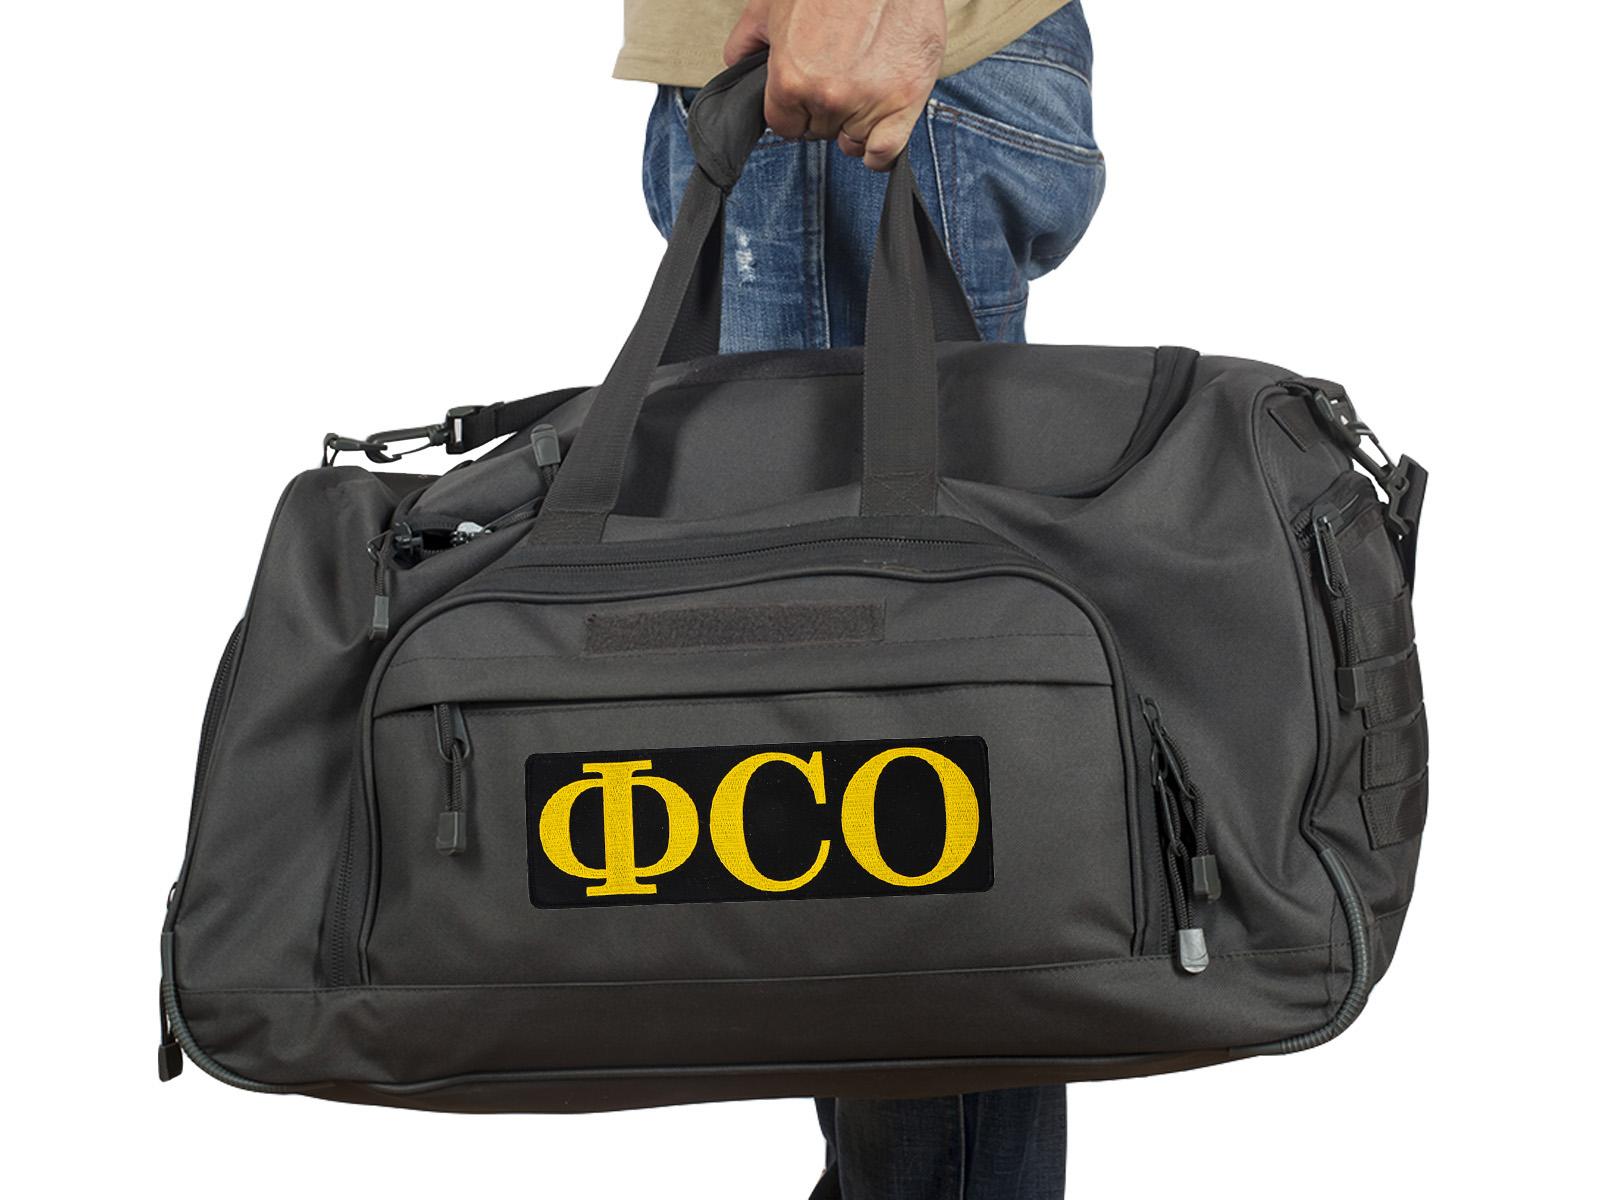 Купить темно-серую дорожную сумку 08032B ФСО по специальной цене